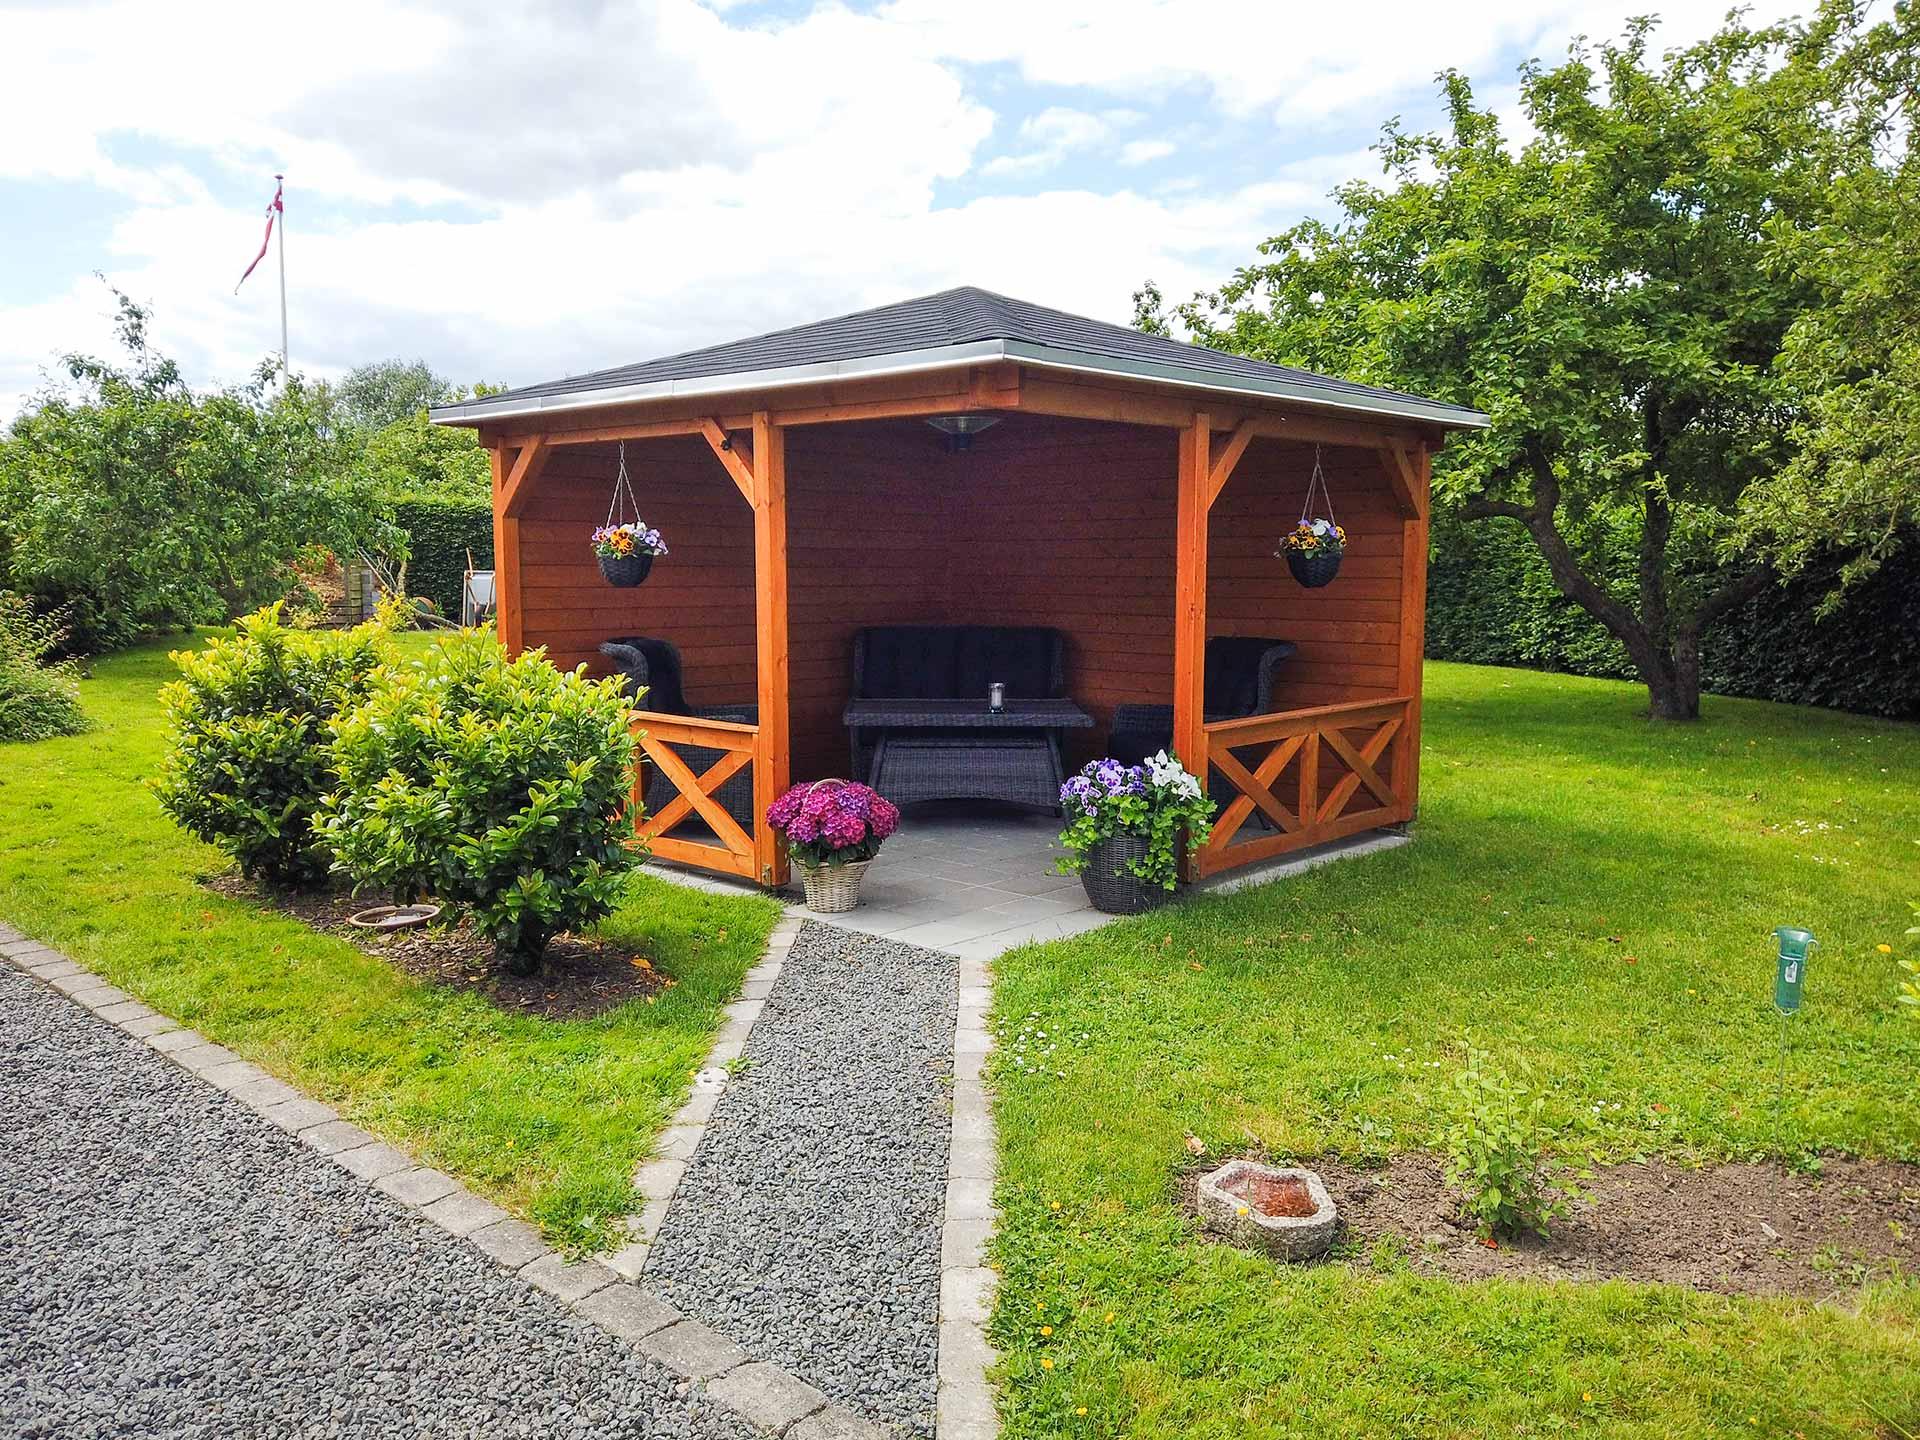 pavillon træ fra www.sølundhus.dk